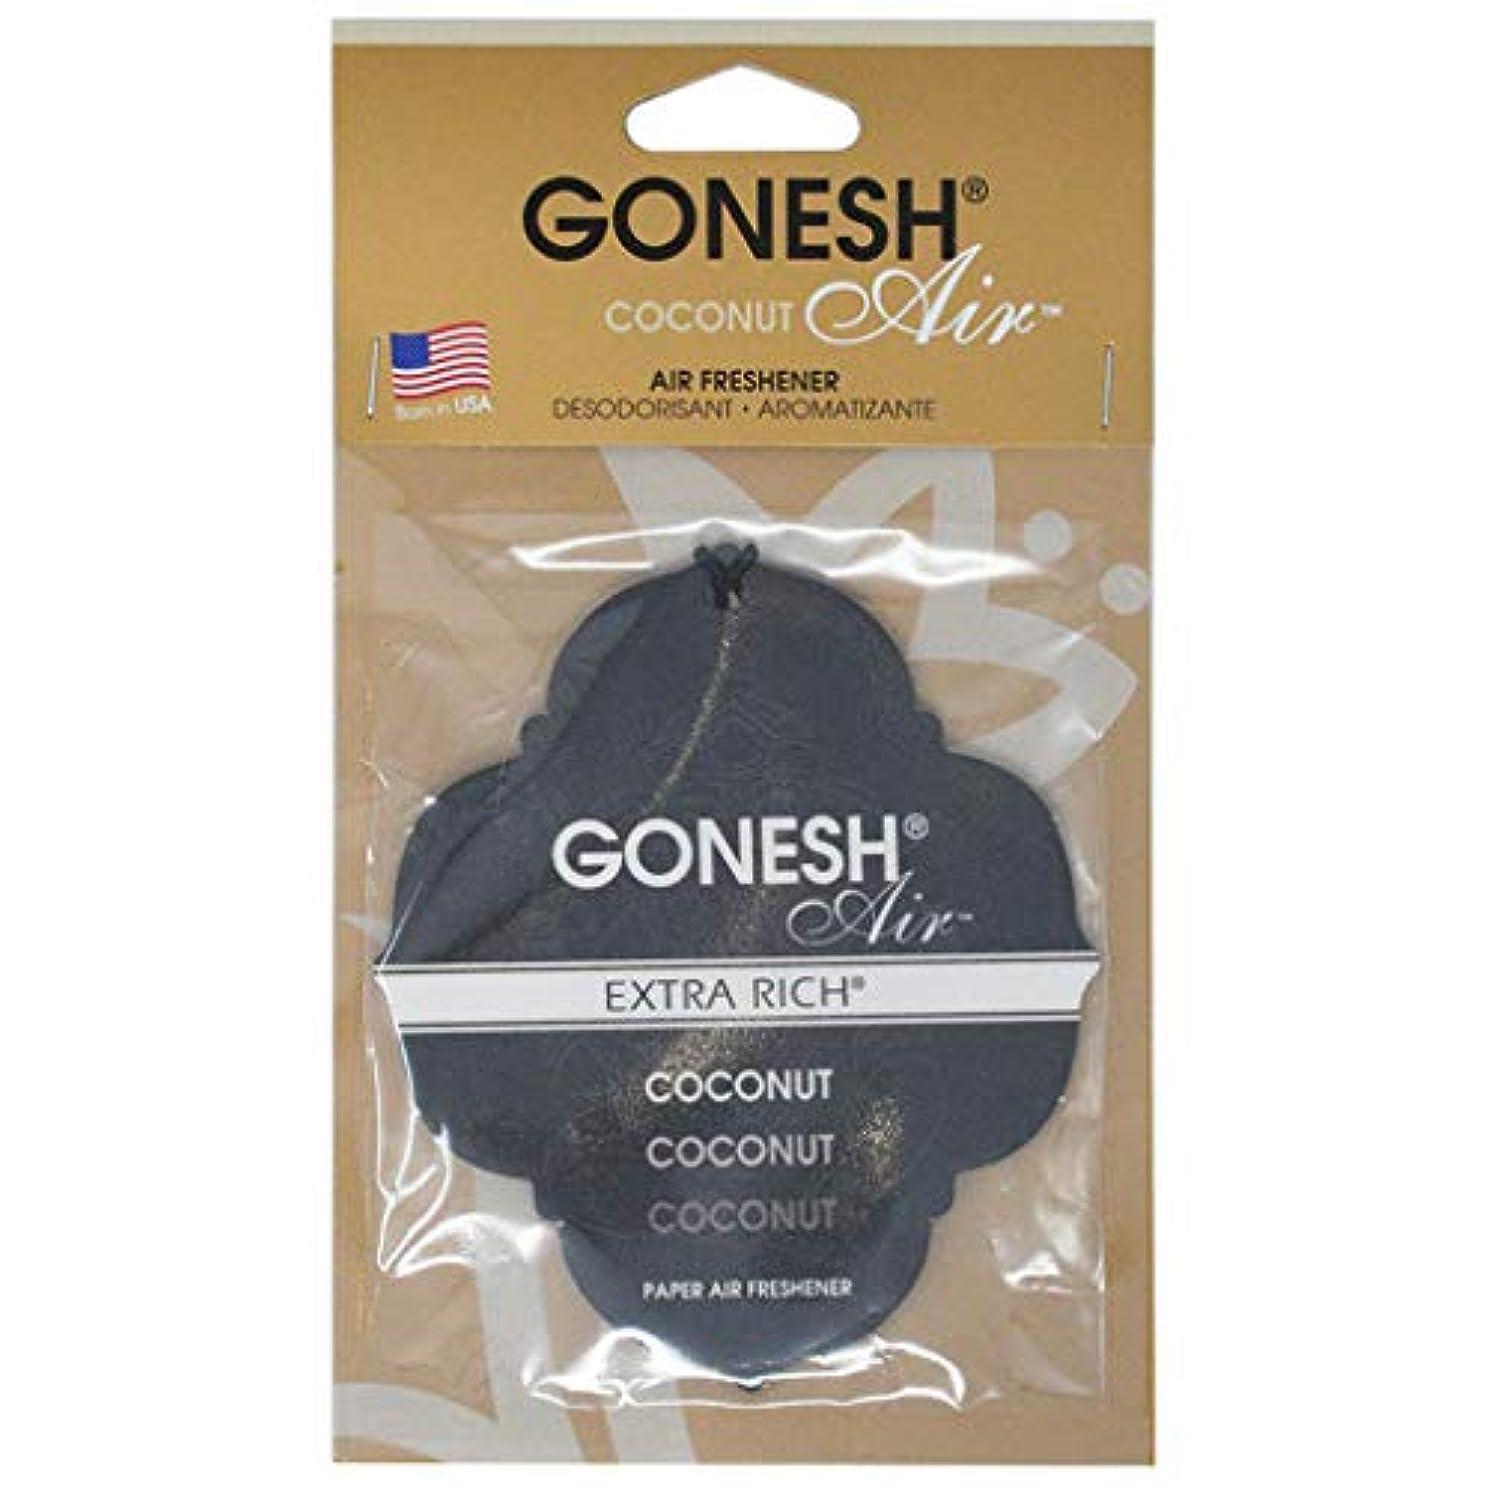 準備ができてポーズ甲虫GONESH ペーパーエアフレッシュナー ココナッツ